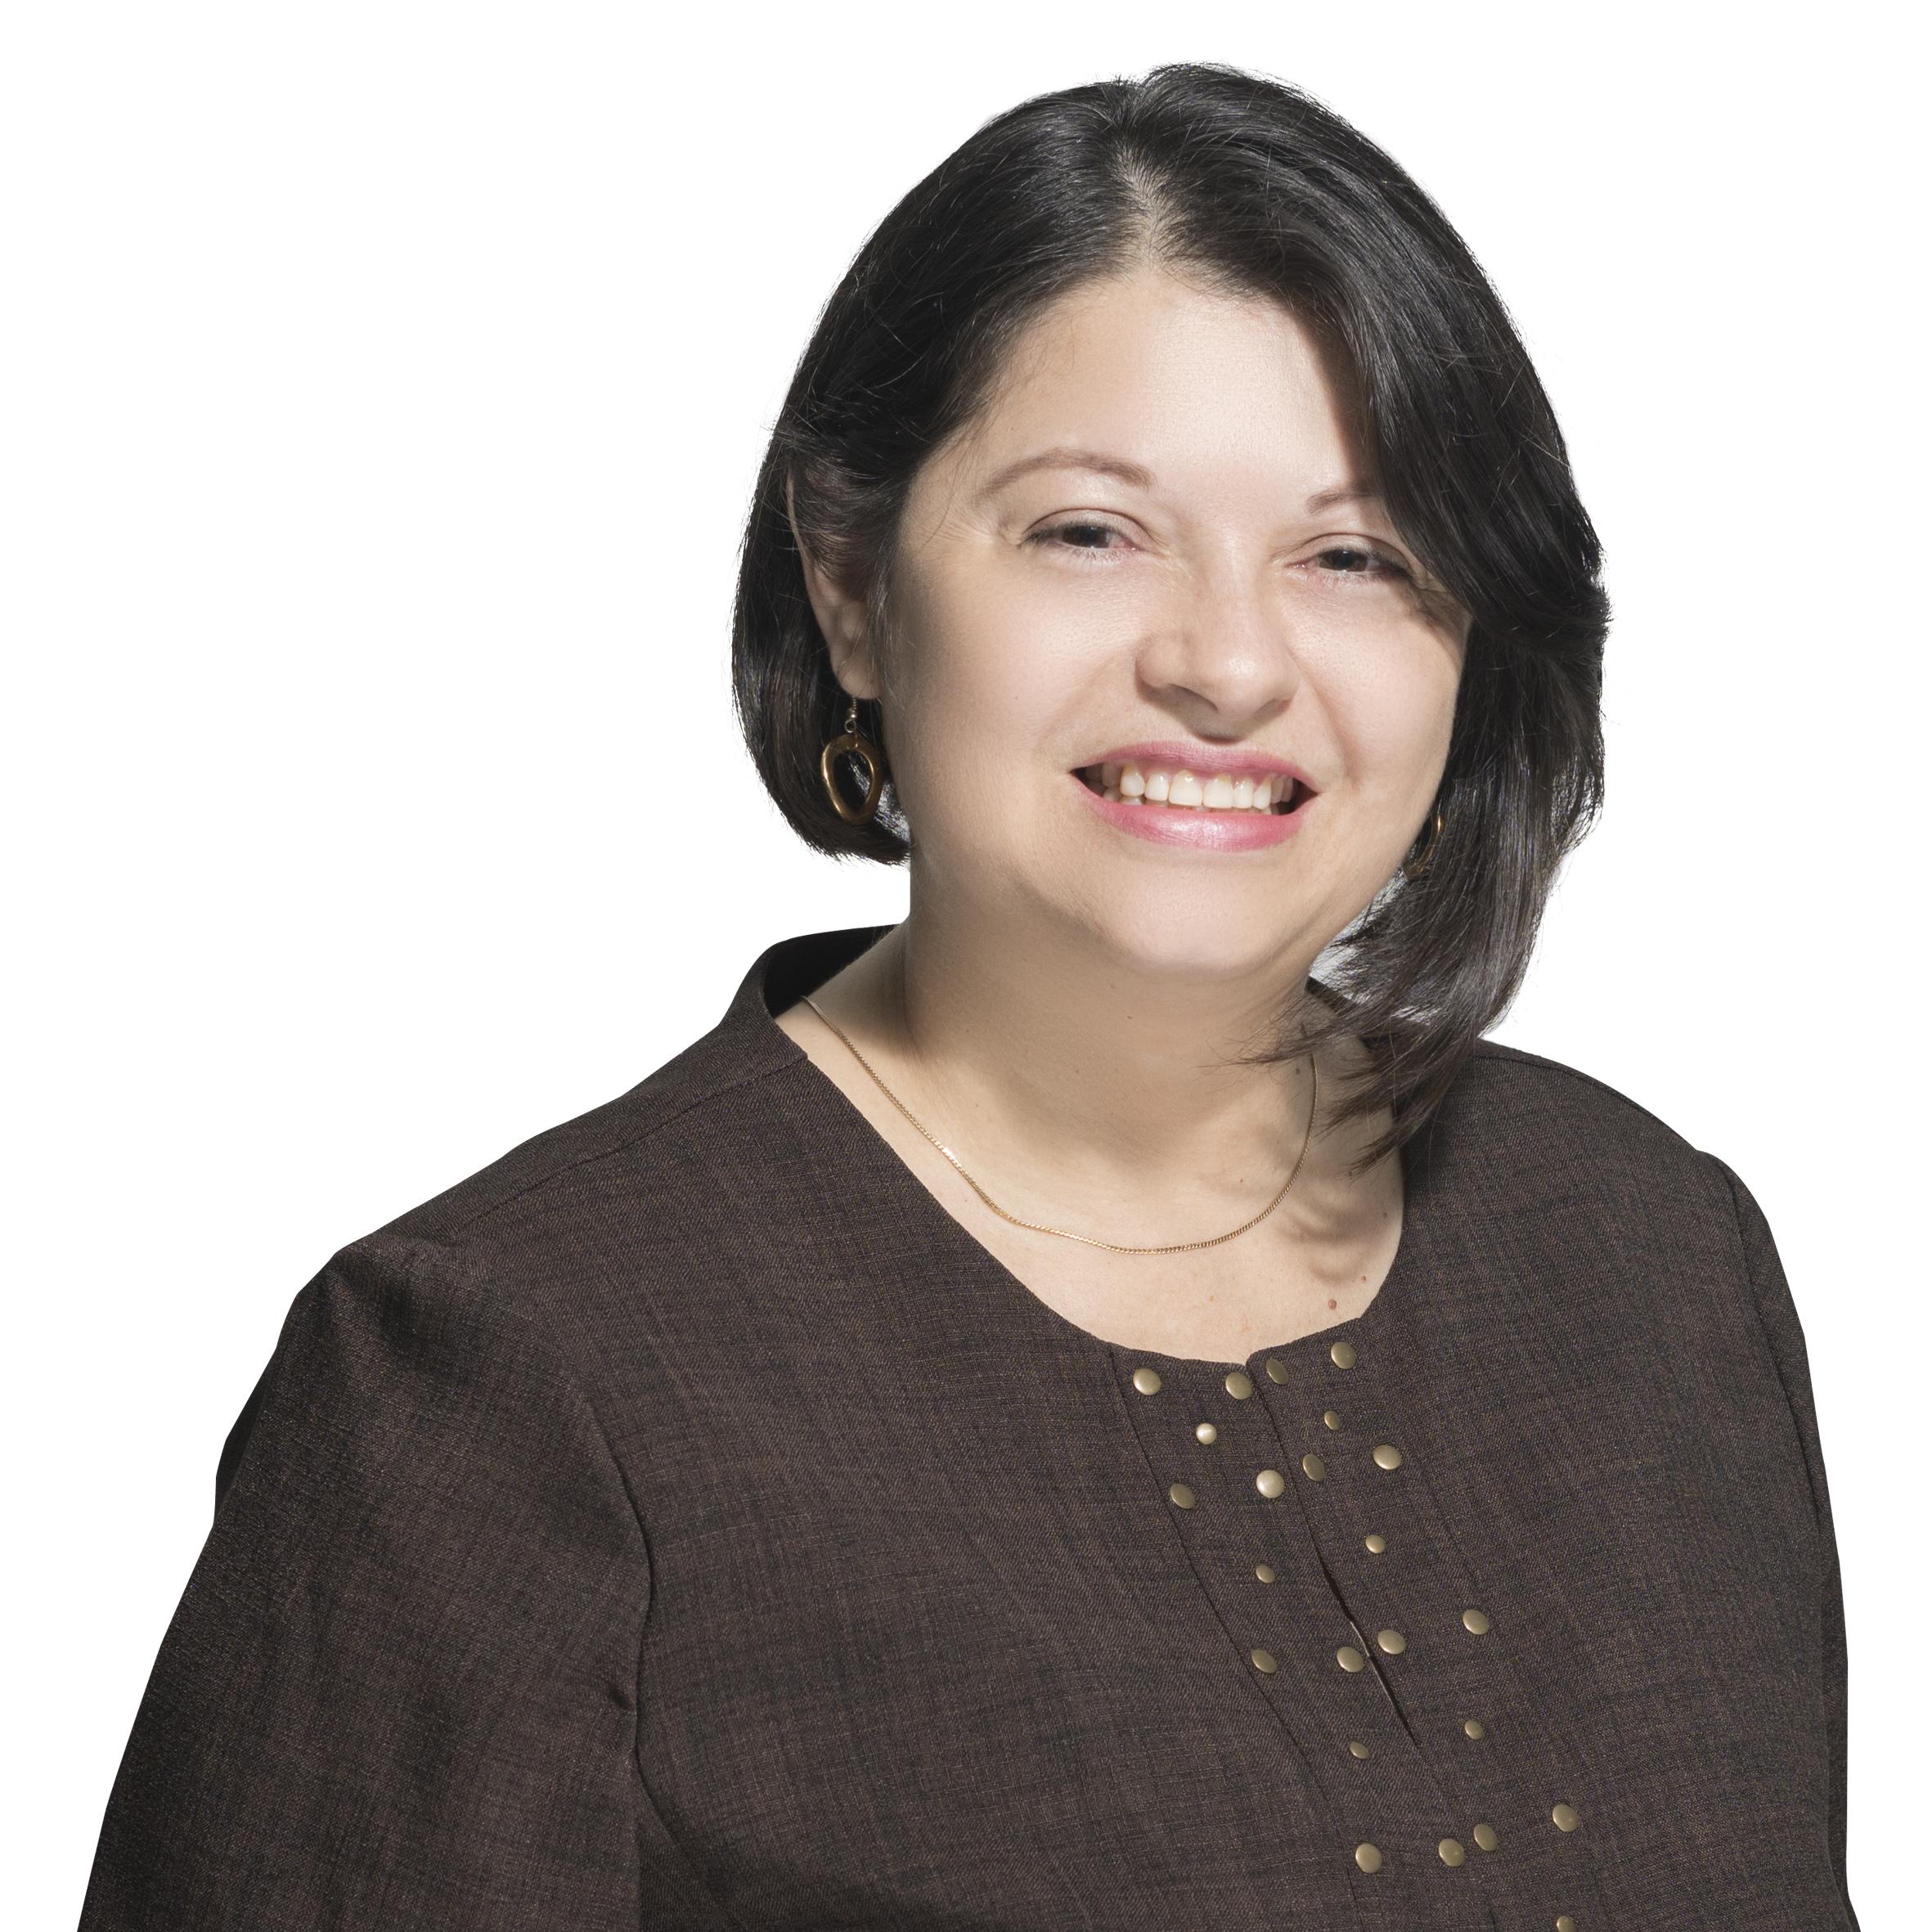 Anita de Guzmán